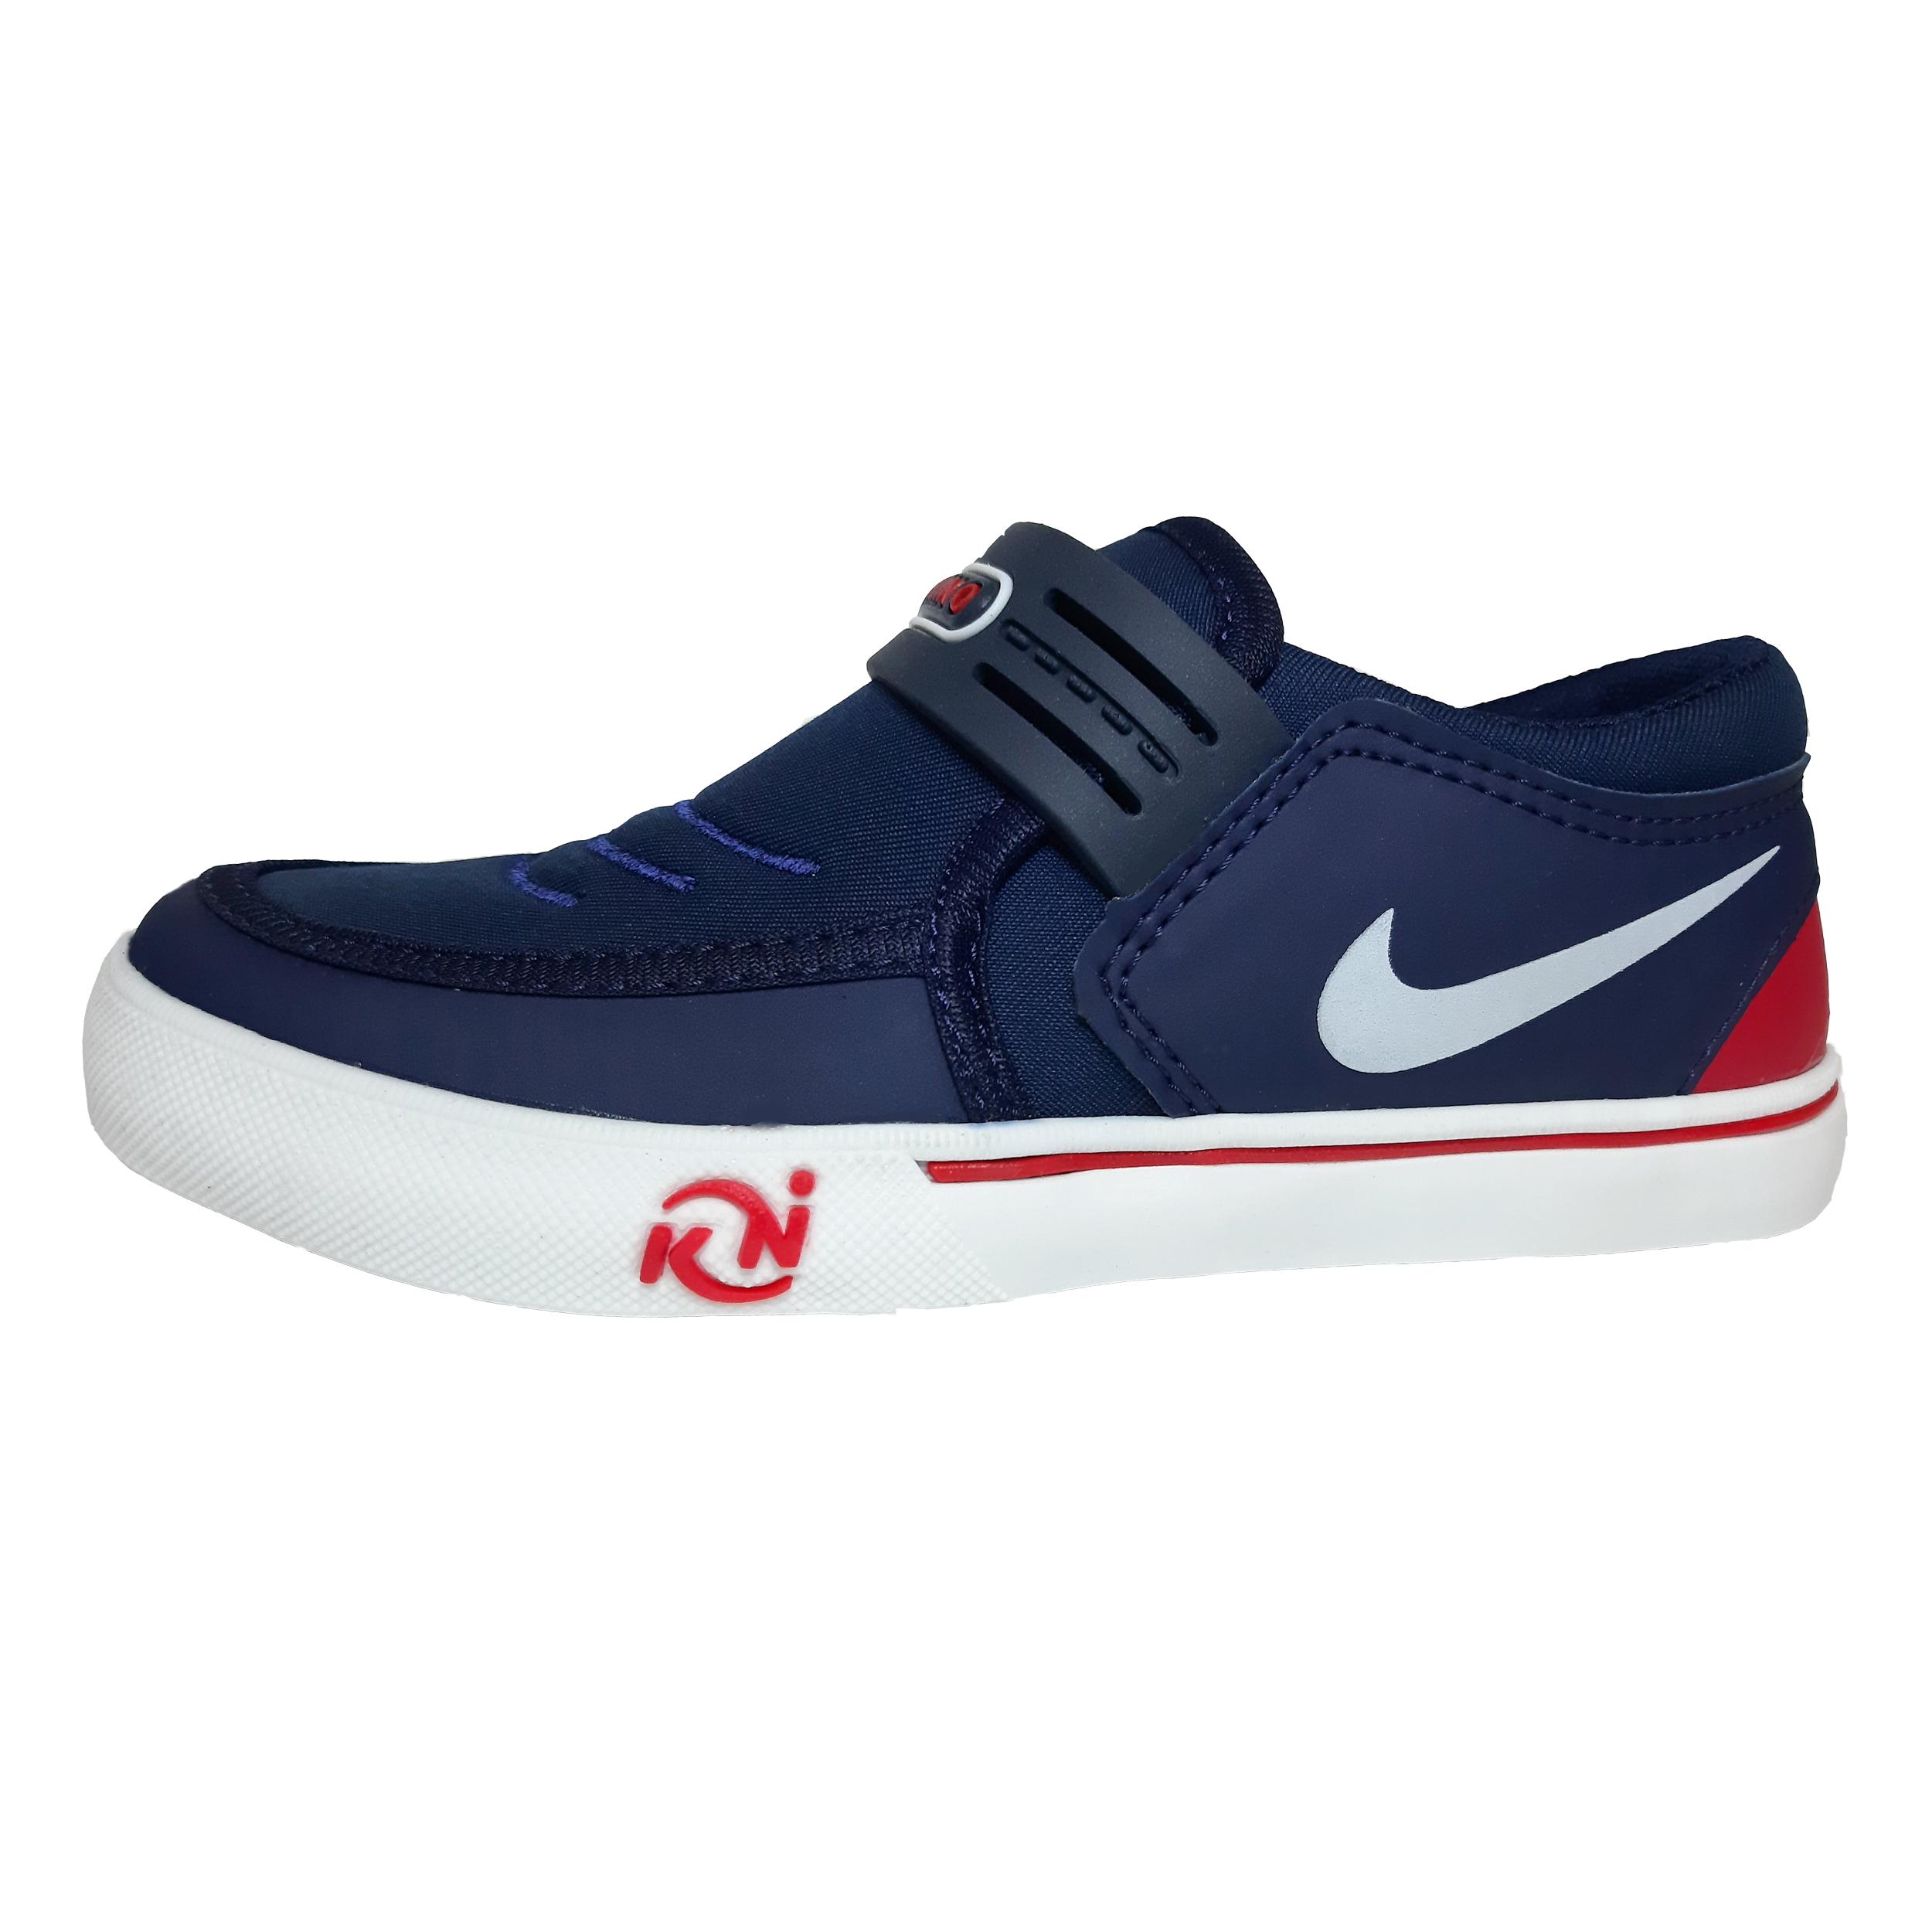 کفش راحتی پسرانه کارینو کد KN_2004